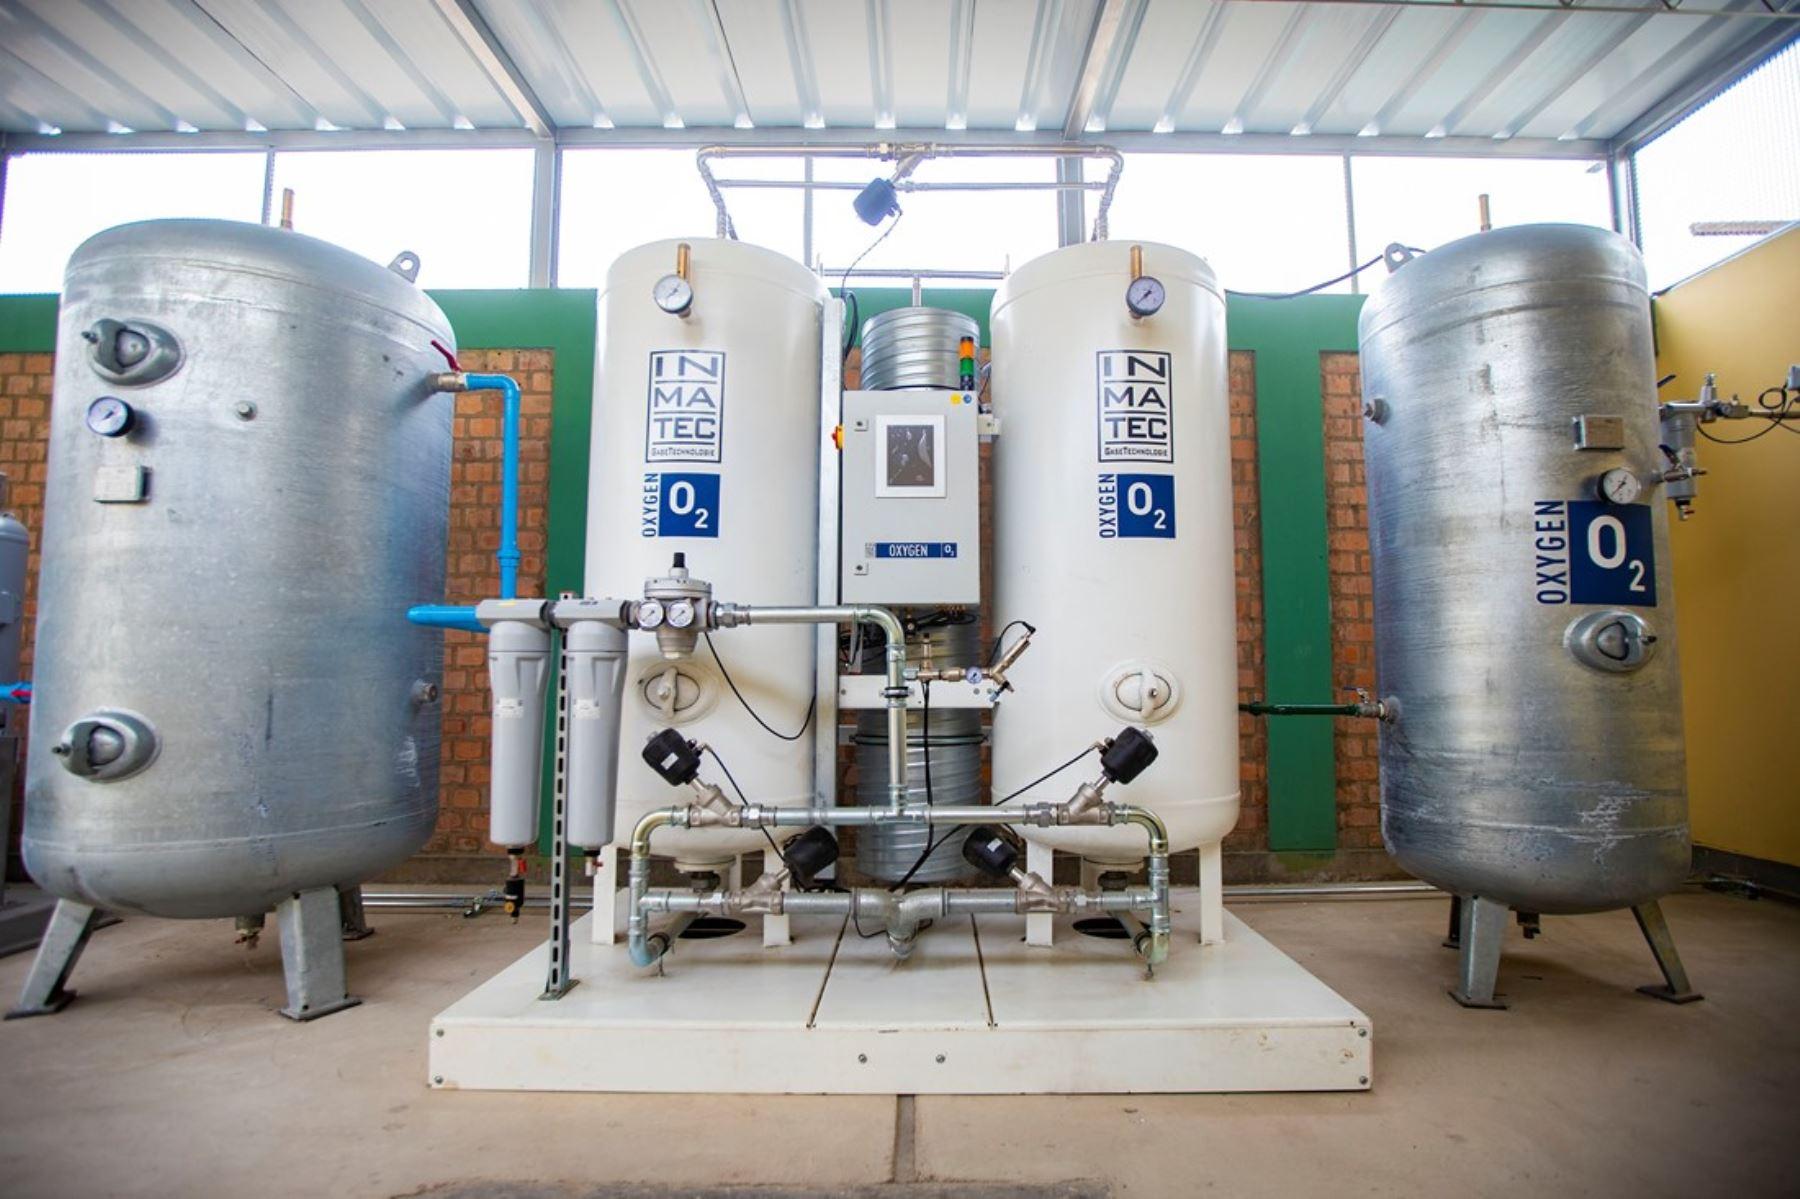 Empresas donan plantas de oxígeno y otros equipos en diversas regiones para reforzar lucha contra la covid-19. ANDINA/Difusión